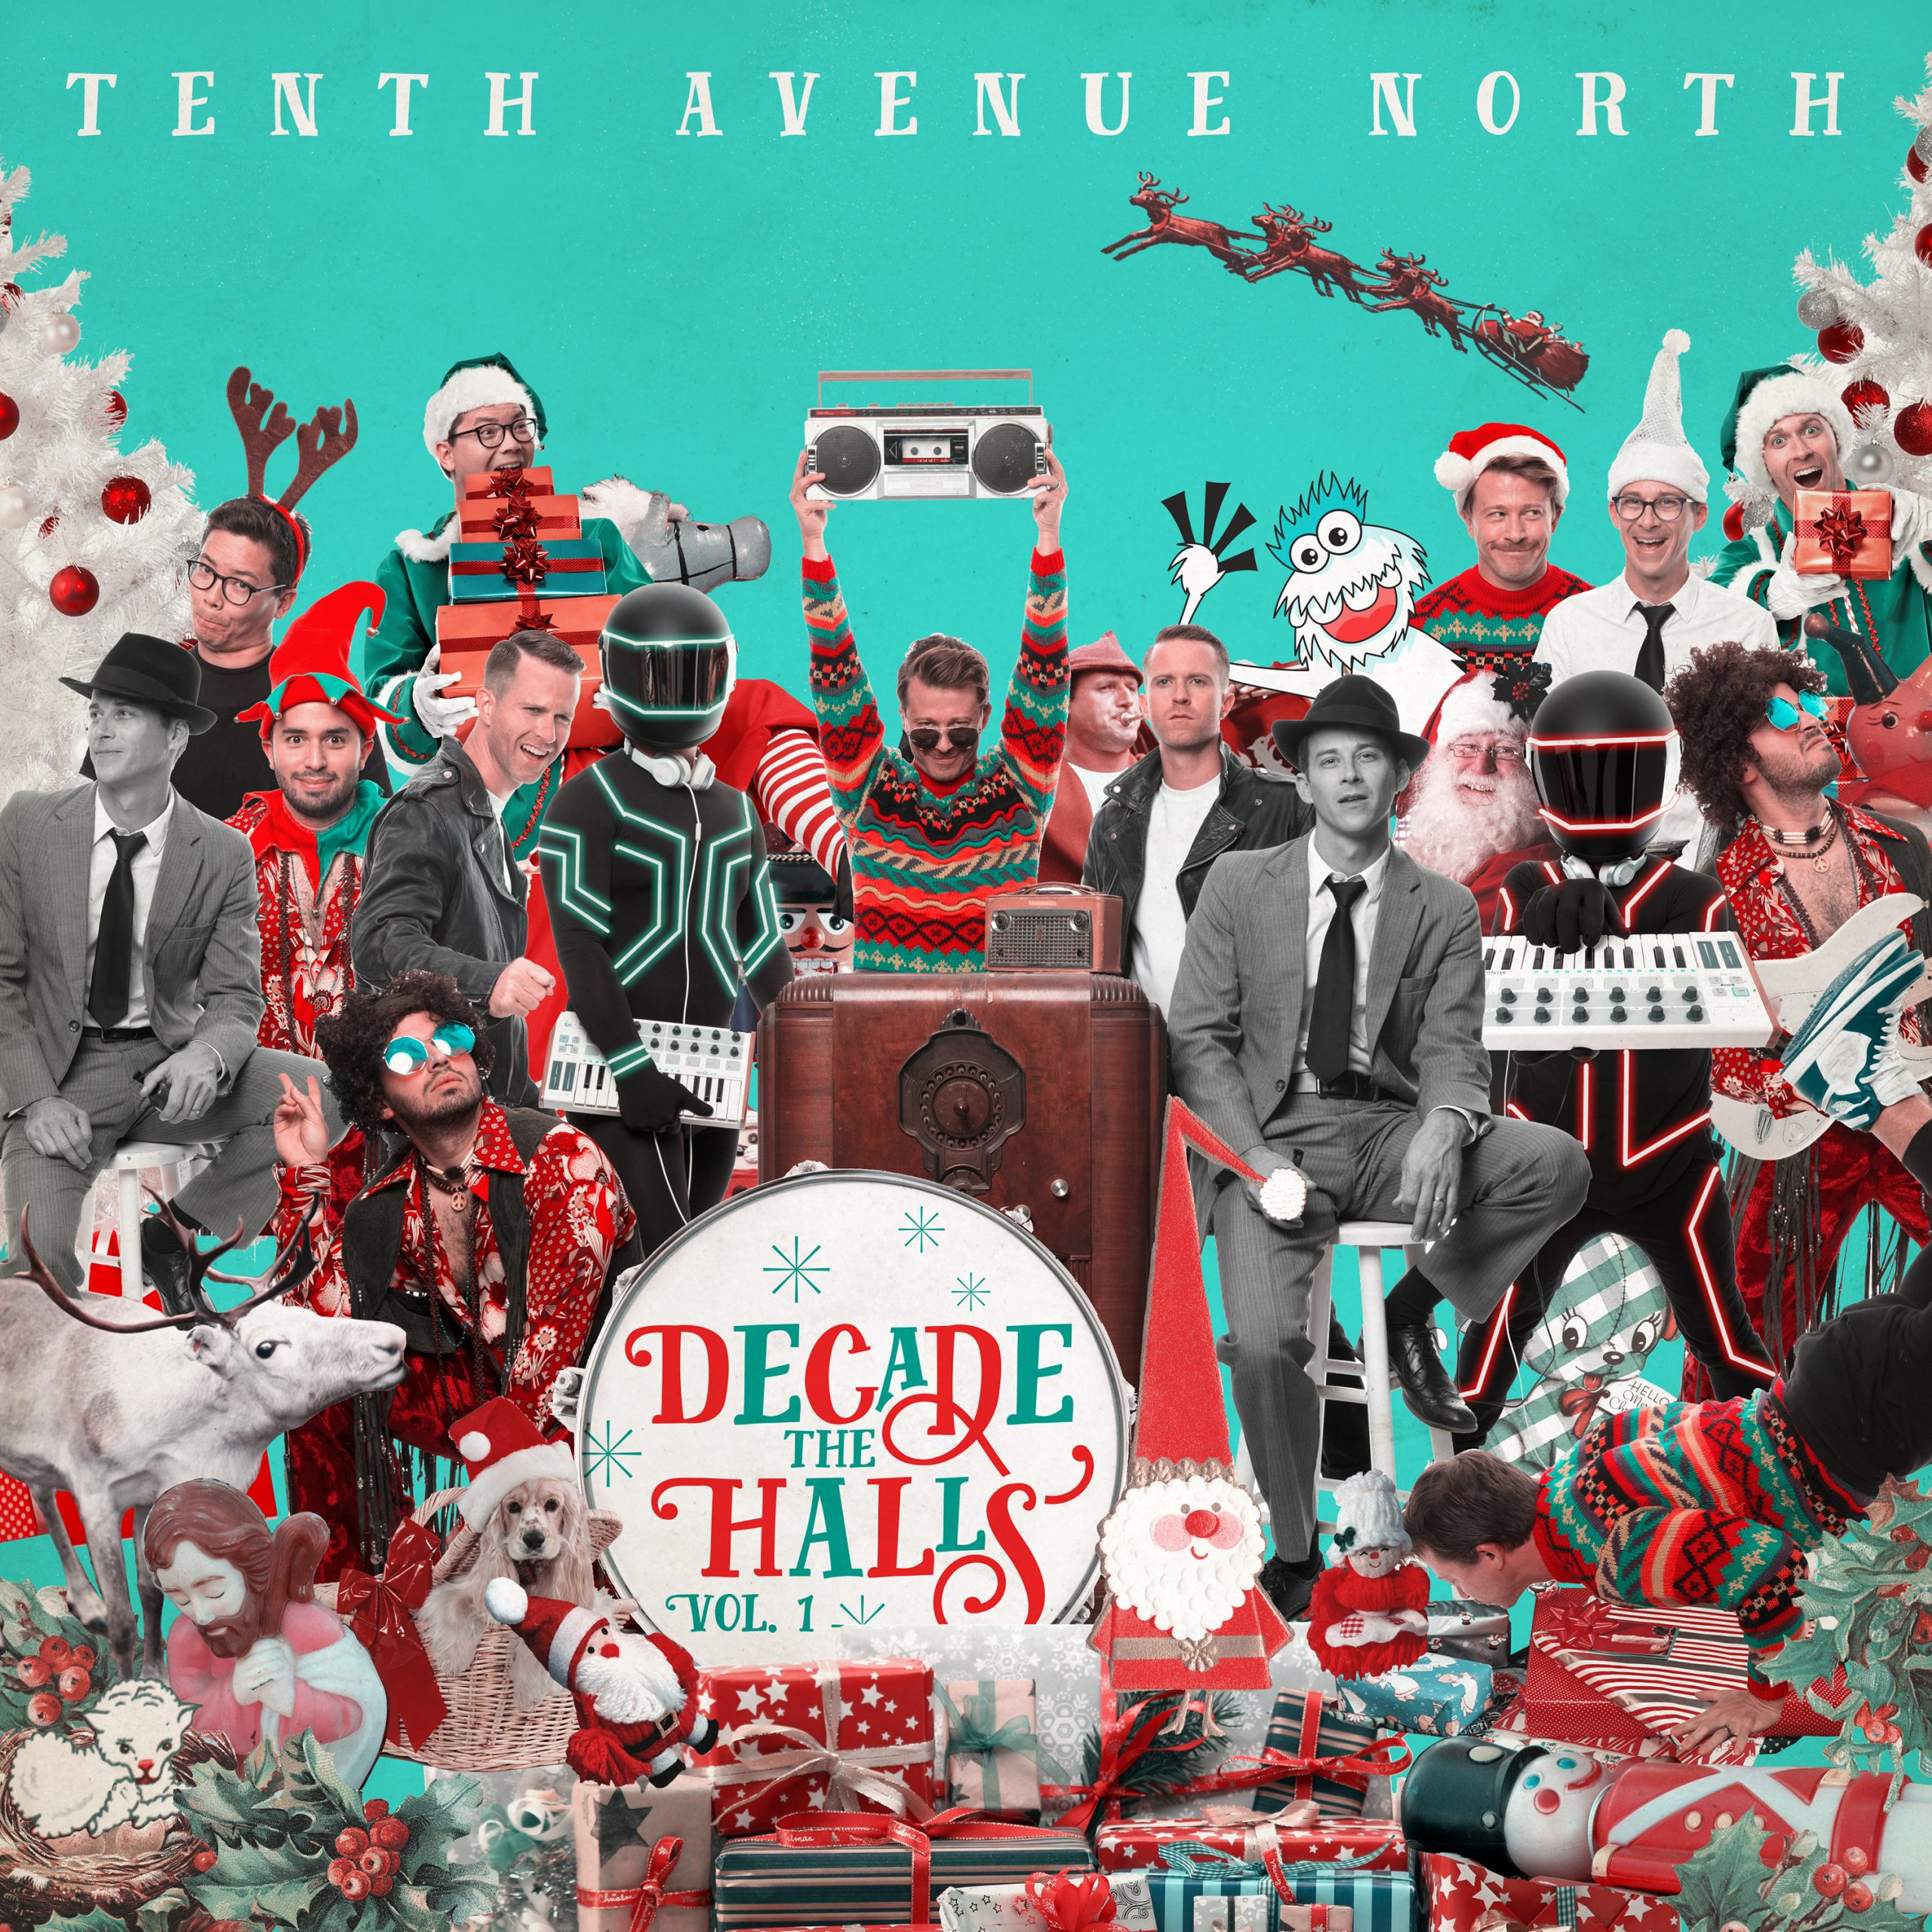 TenthAve_Christmas_cvr-hi